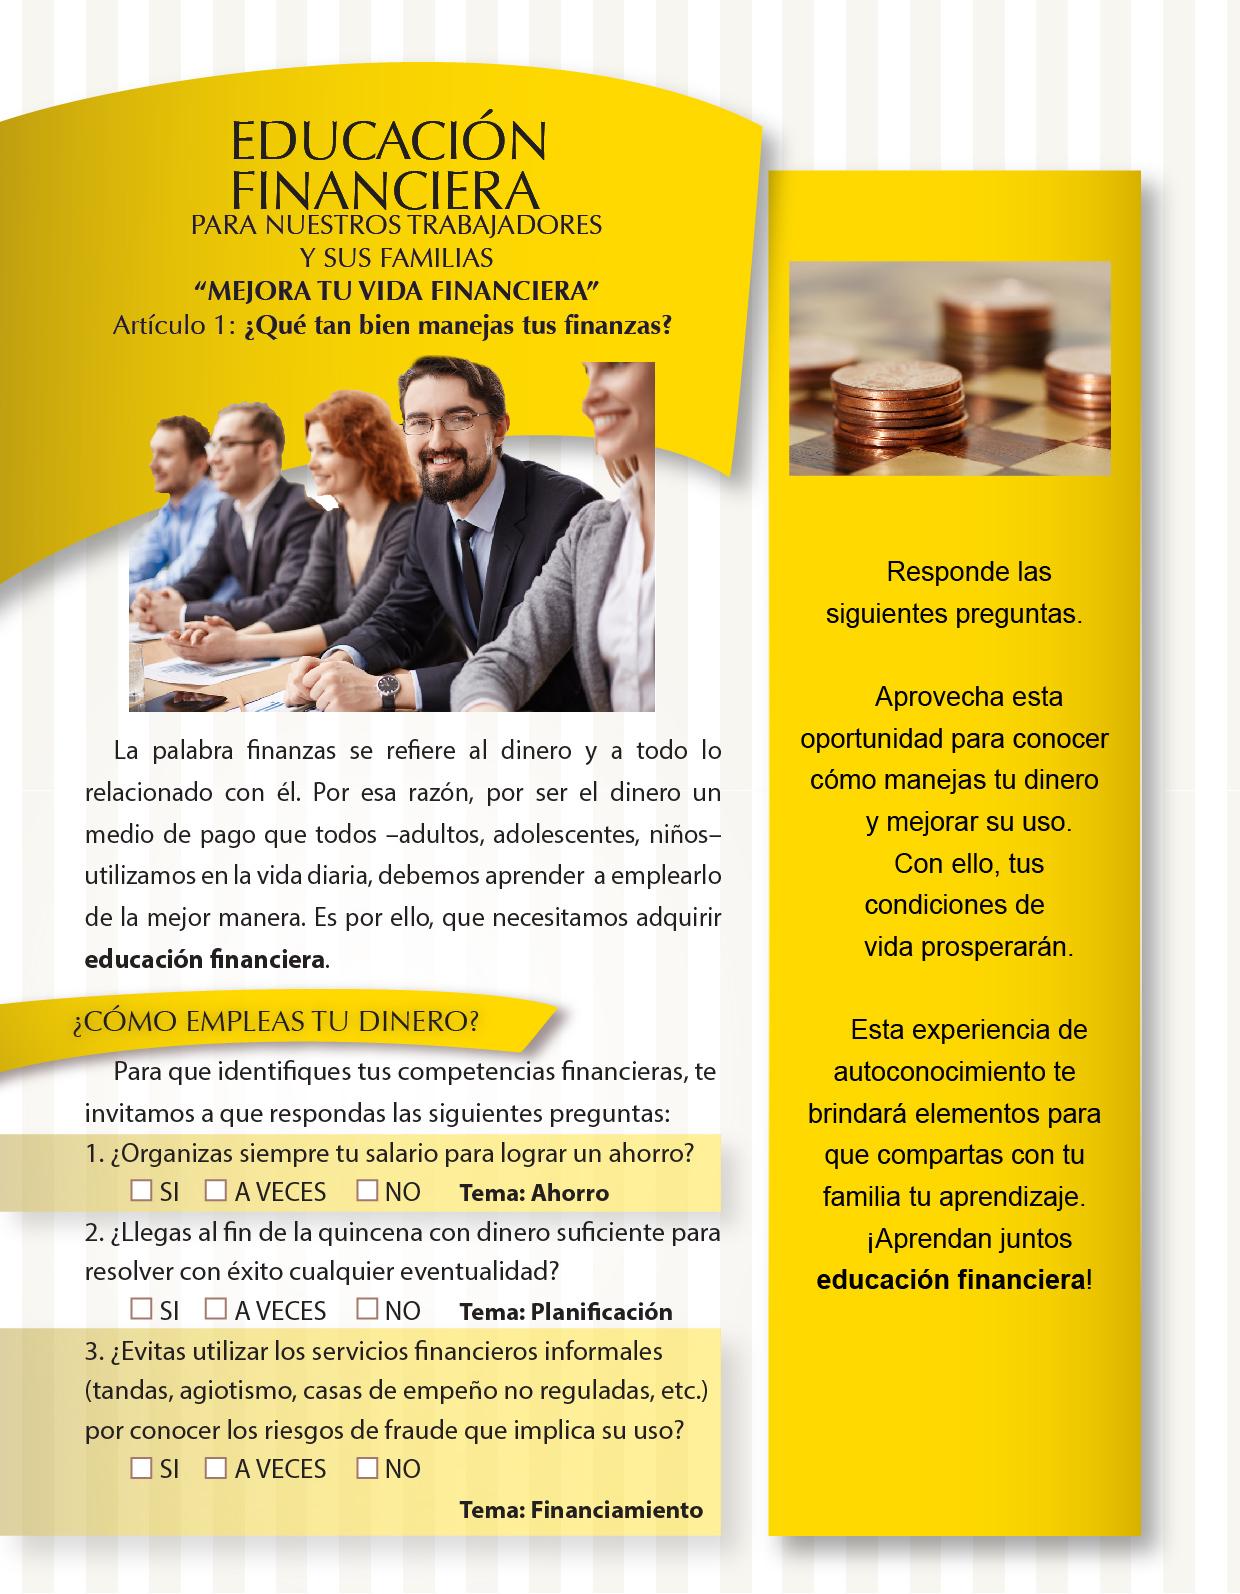 www,multimediosintegrales.com educacion financiera